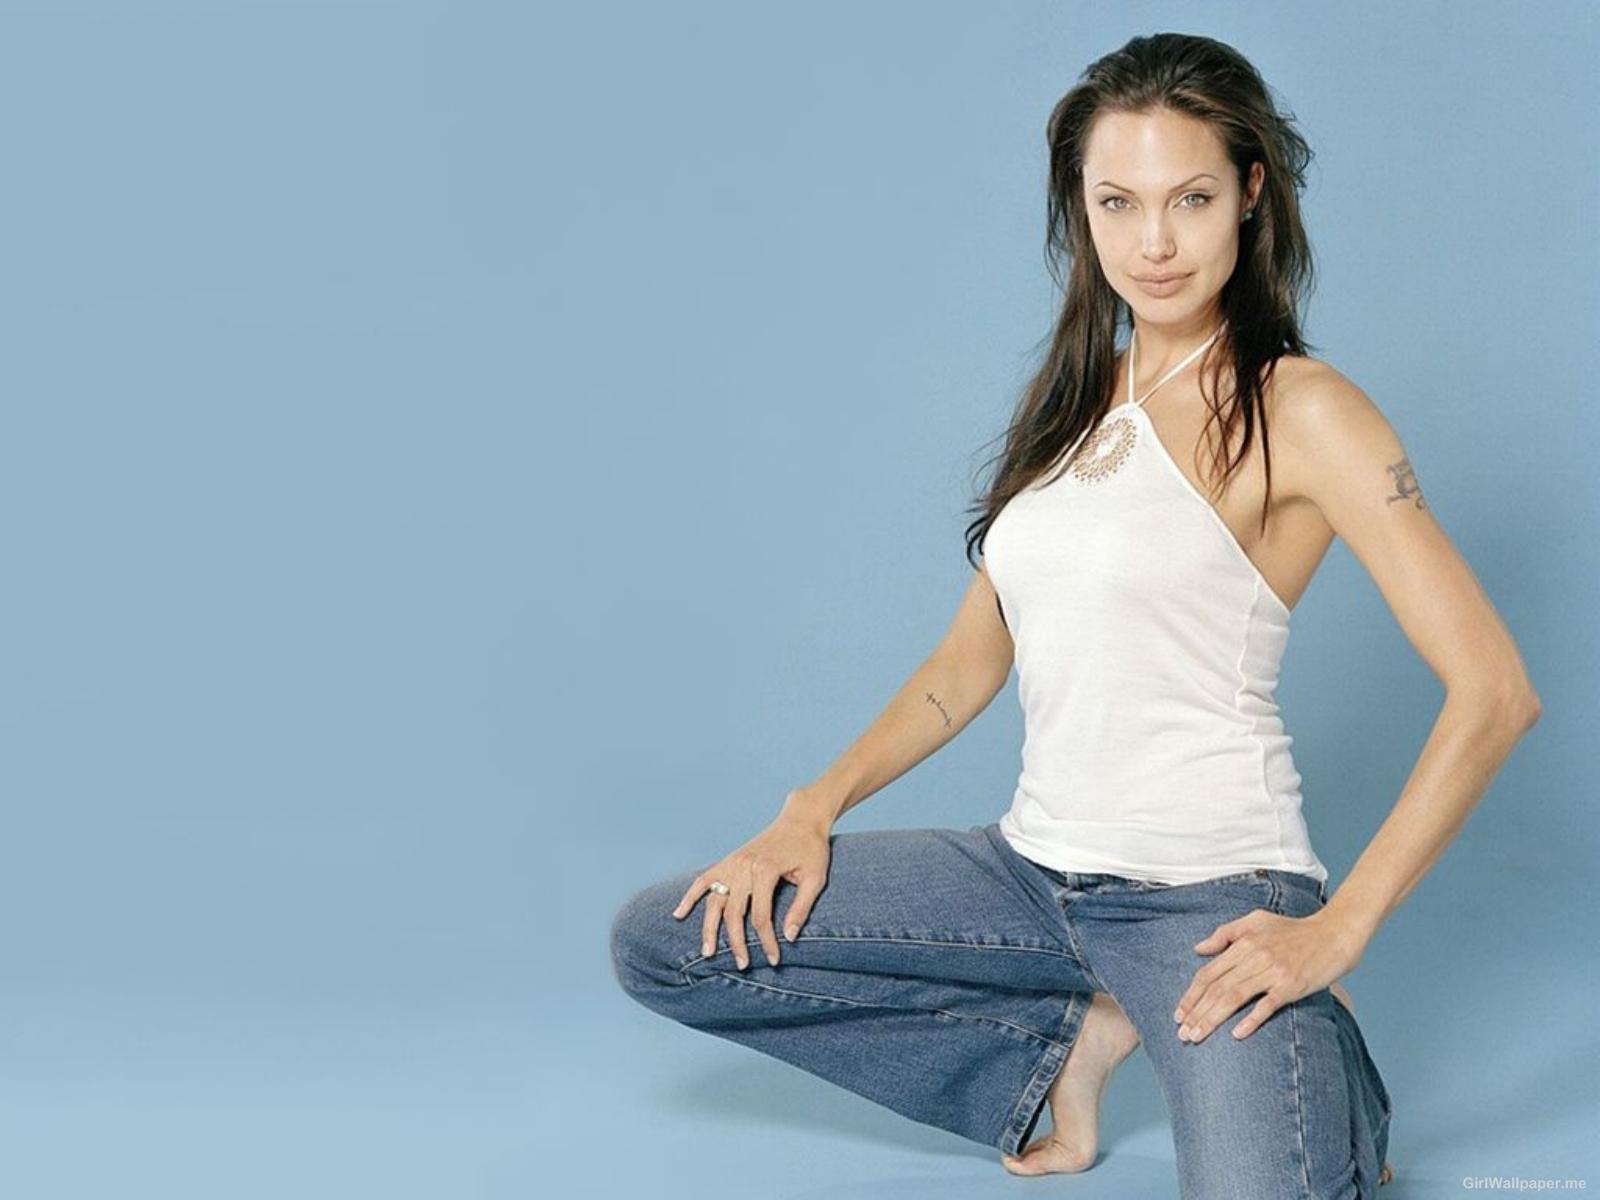 http://3.bp.blogspot.com/-k9Ii4NSWesk/TyABOmPAEAI/AAAAAAAAAU0/RzM94xruzcE/s1600/Angelina-Jolie-Wallpaper.jpg